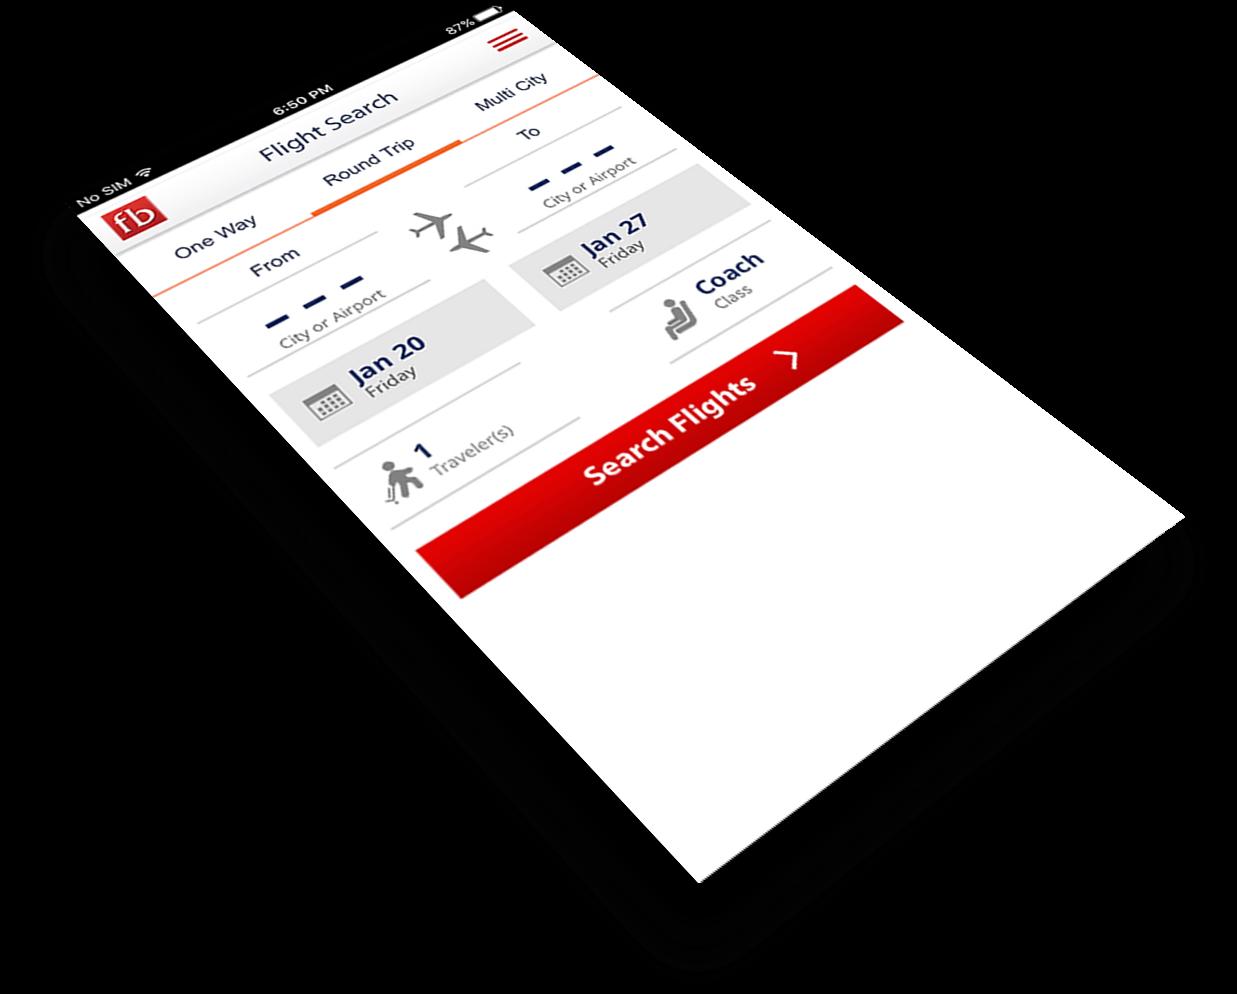 Fare-Buzz-App-Design2